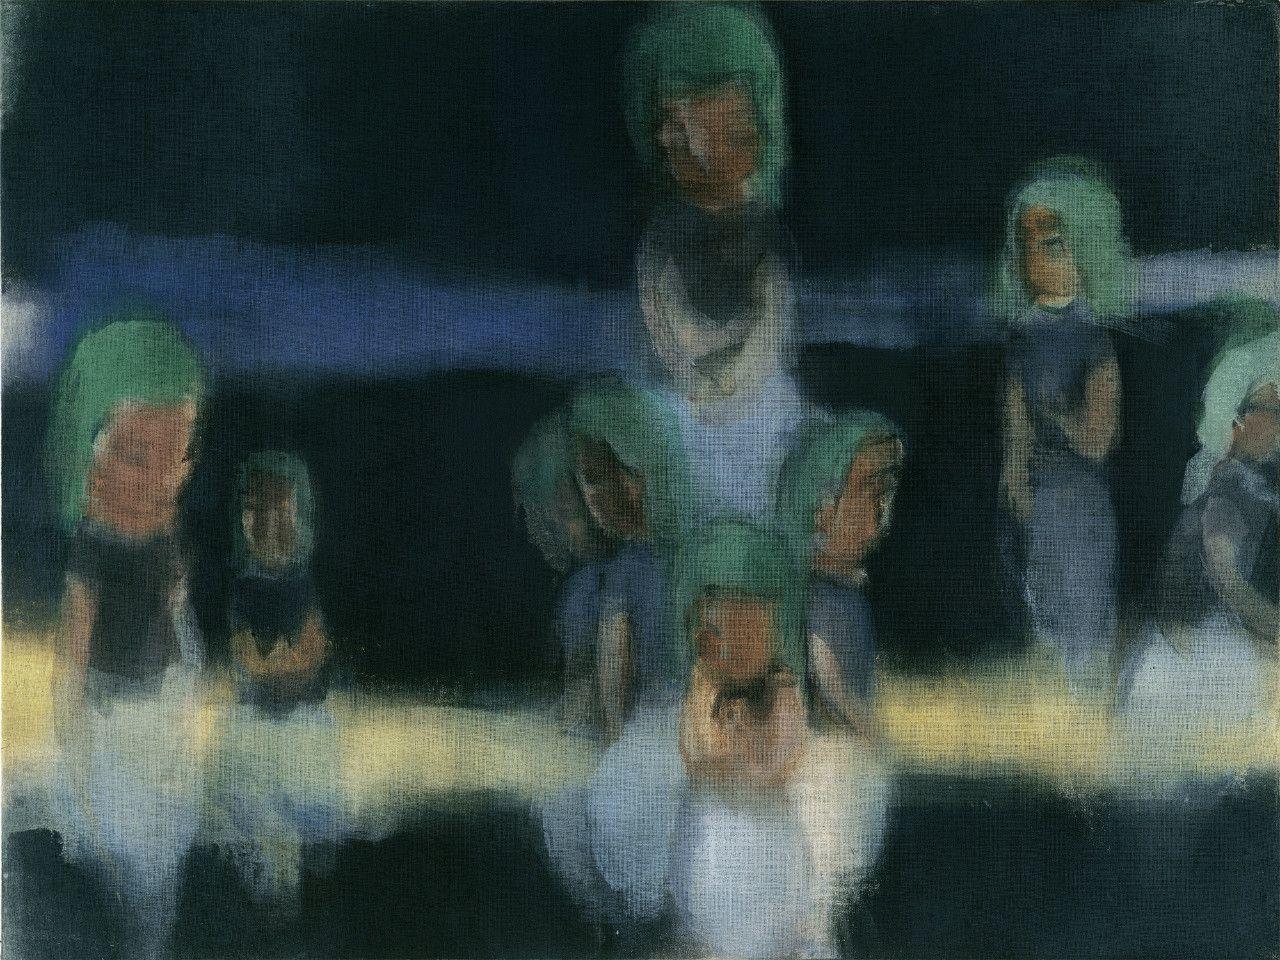 イケムラレイコ《オーシャン lll》 2000/01年 ヒルティ美術財団